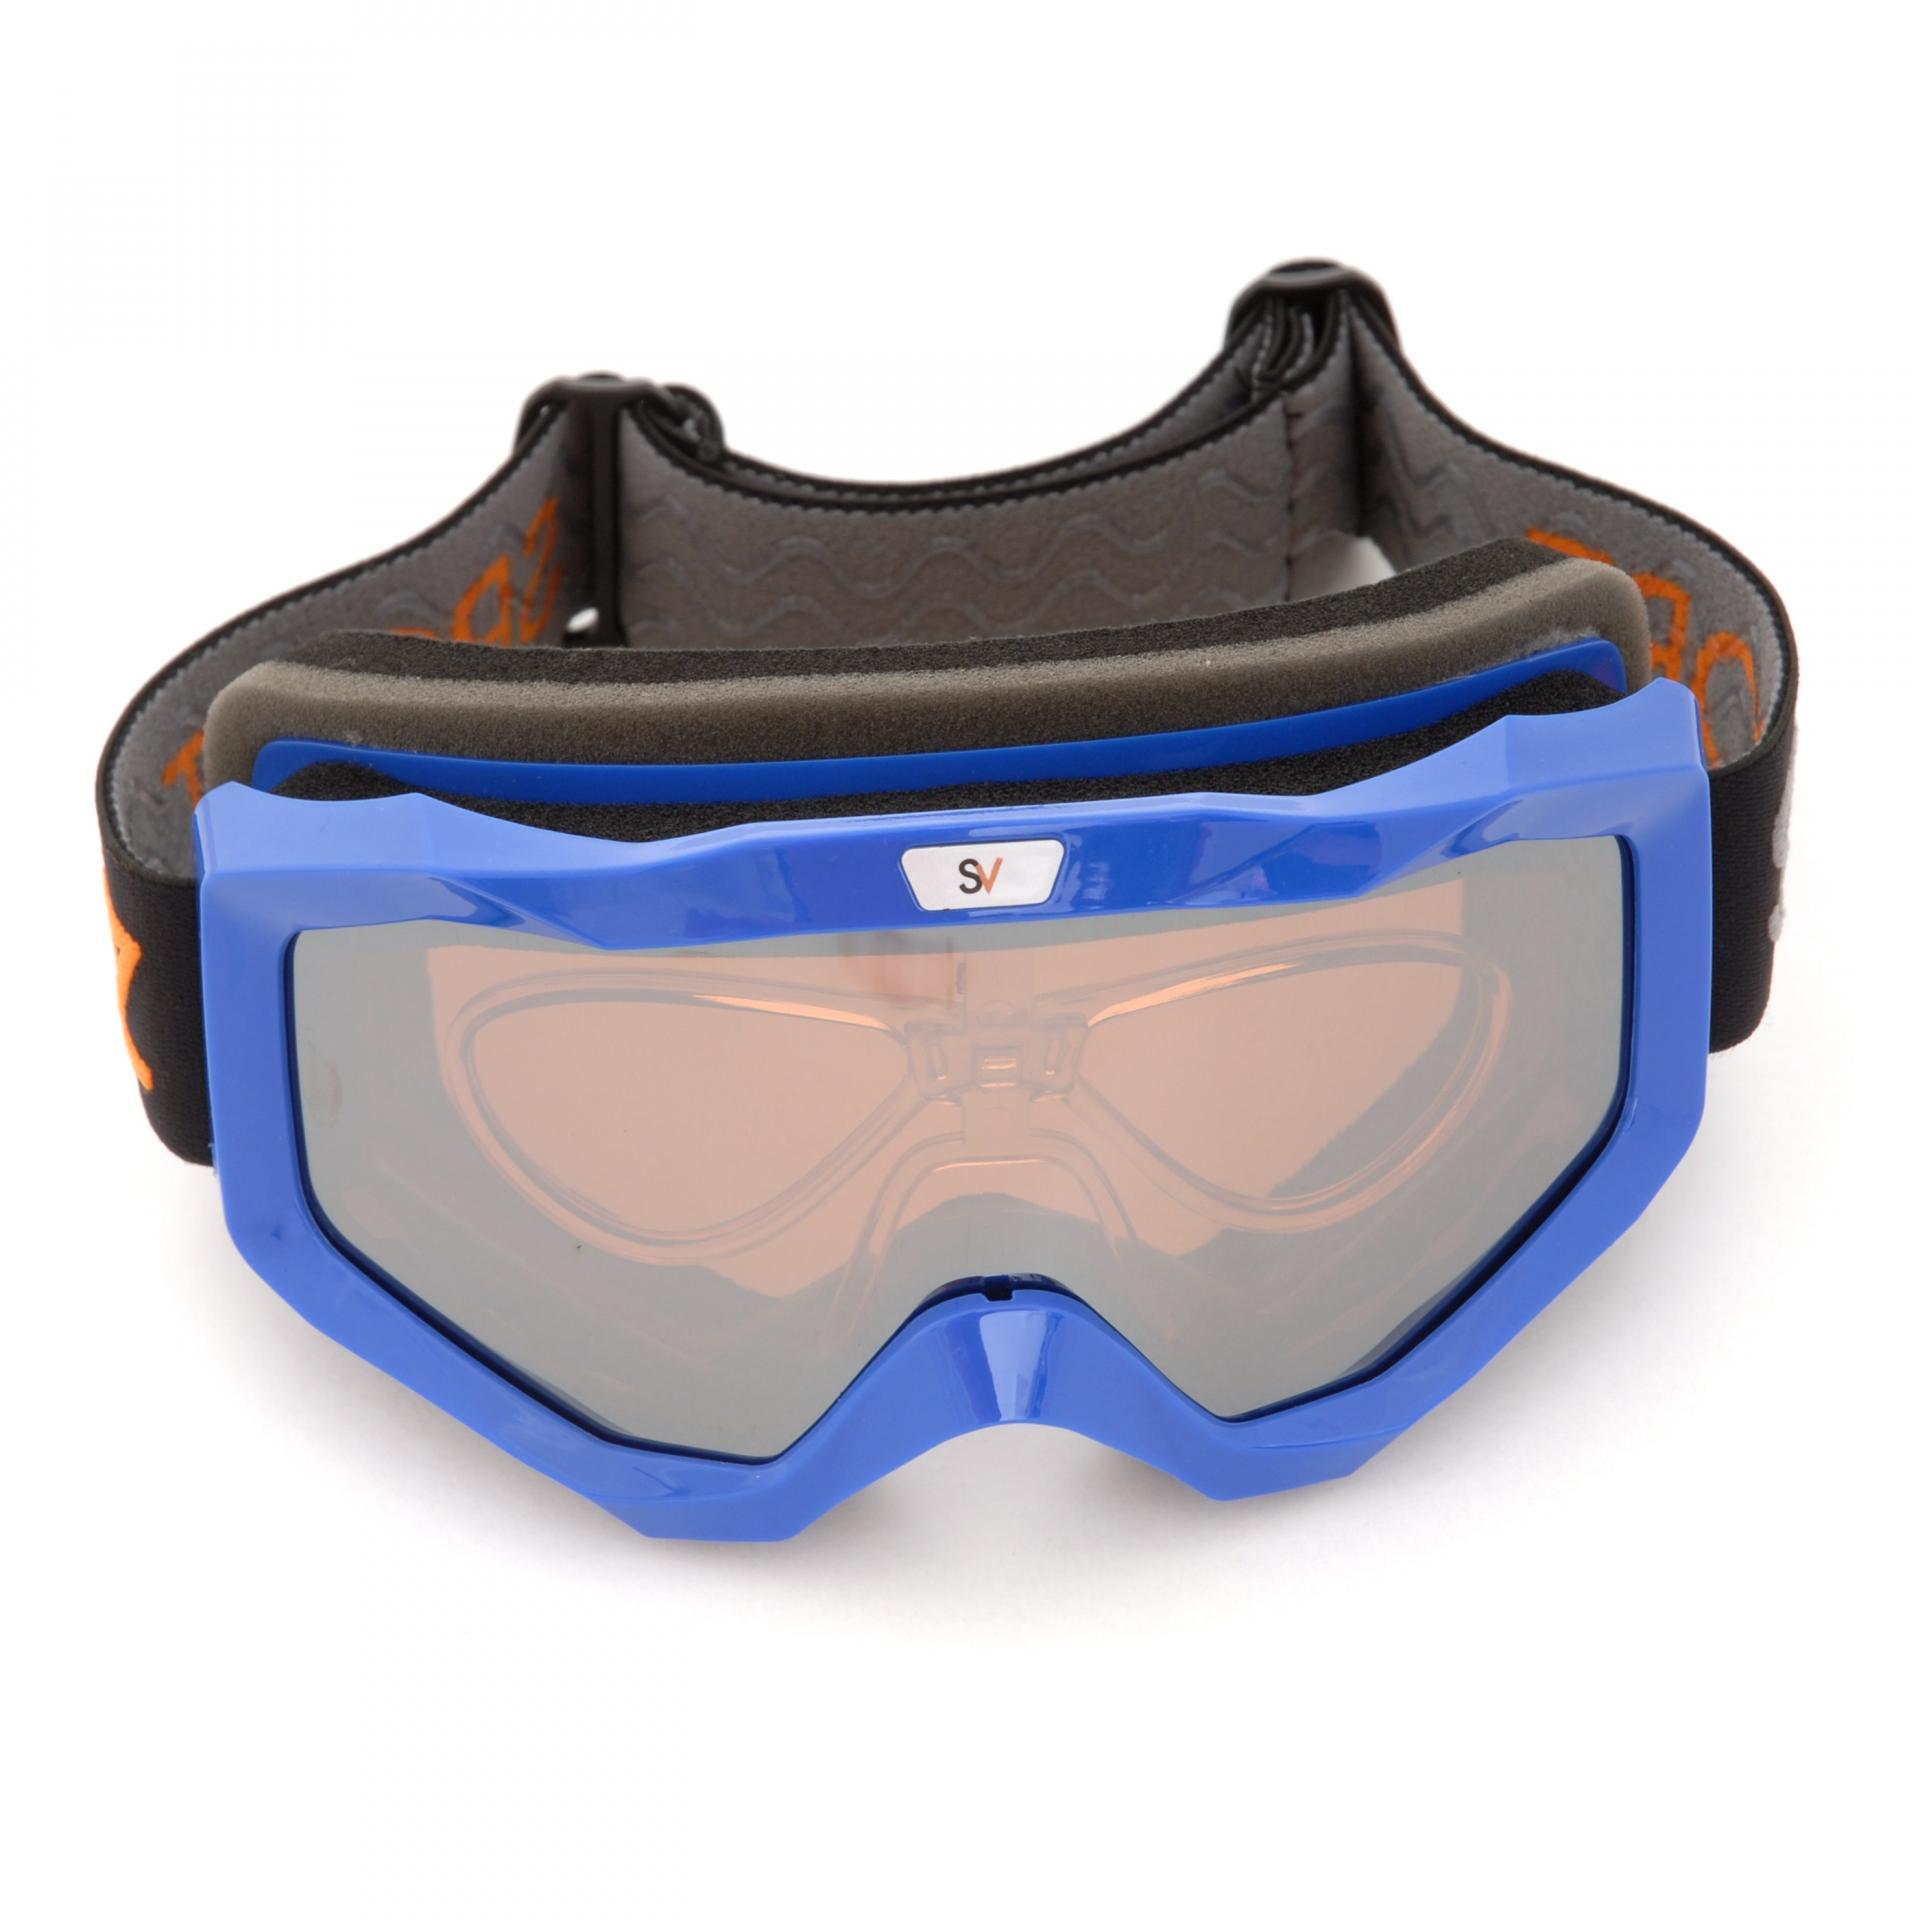 Masque de ski correcteur